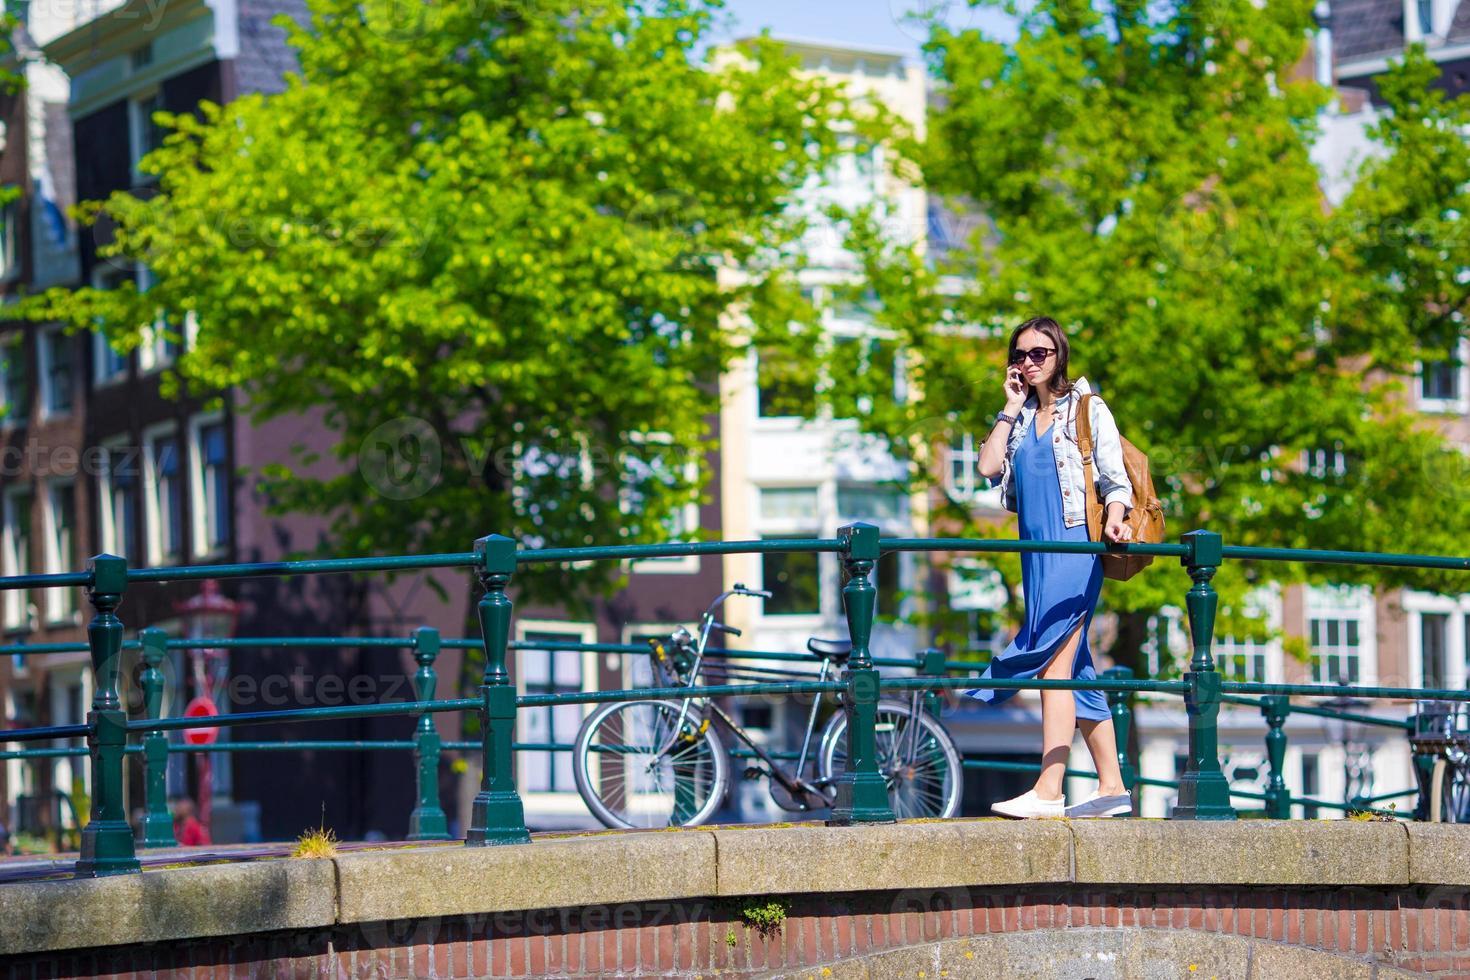 jovem garota caucasiana desfrutar de férias na Europa em Amsterdã, Holanda foto